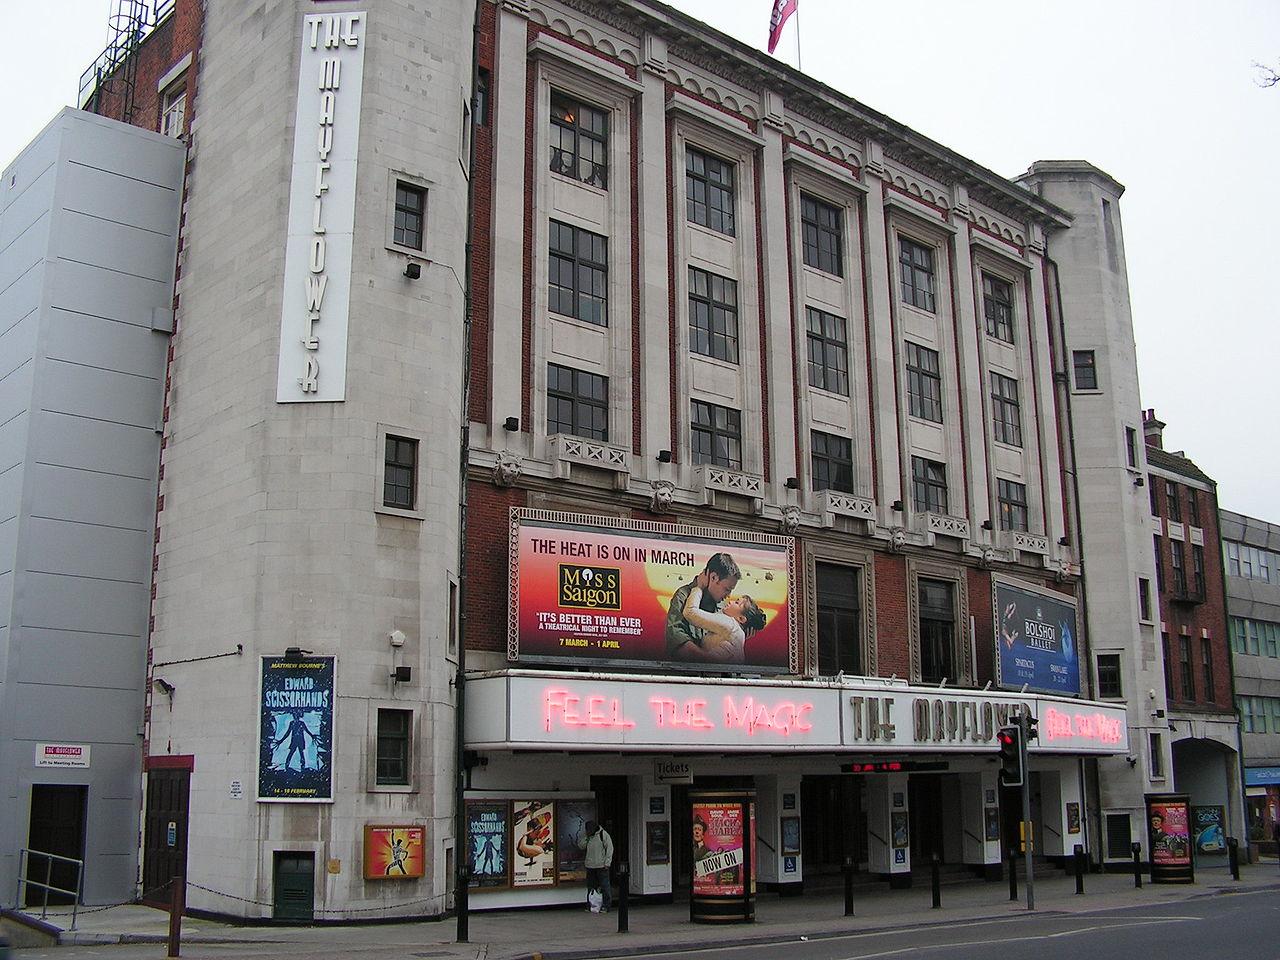 เซาแทมป์ตัน-โรงละคร